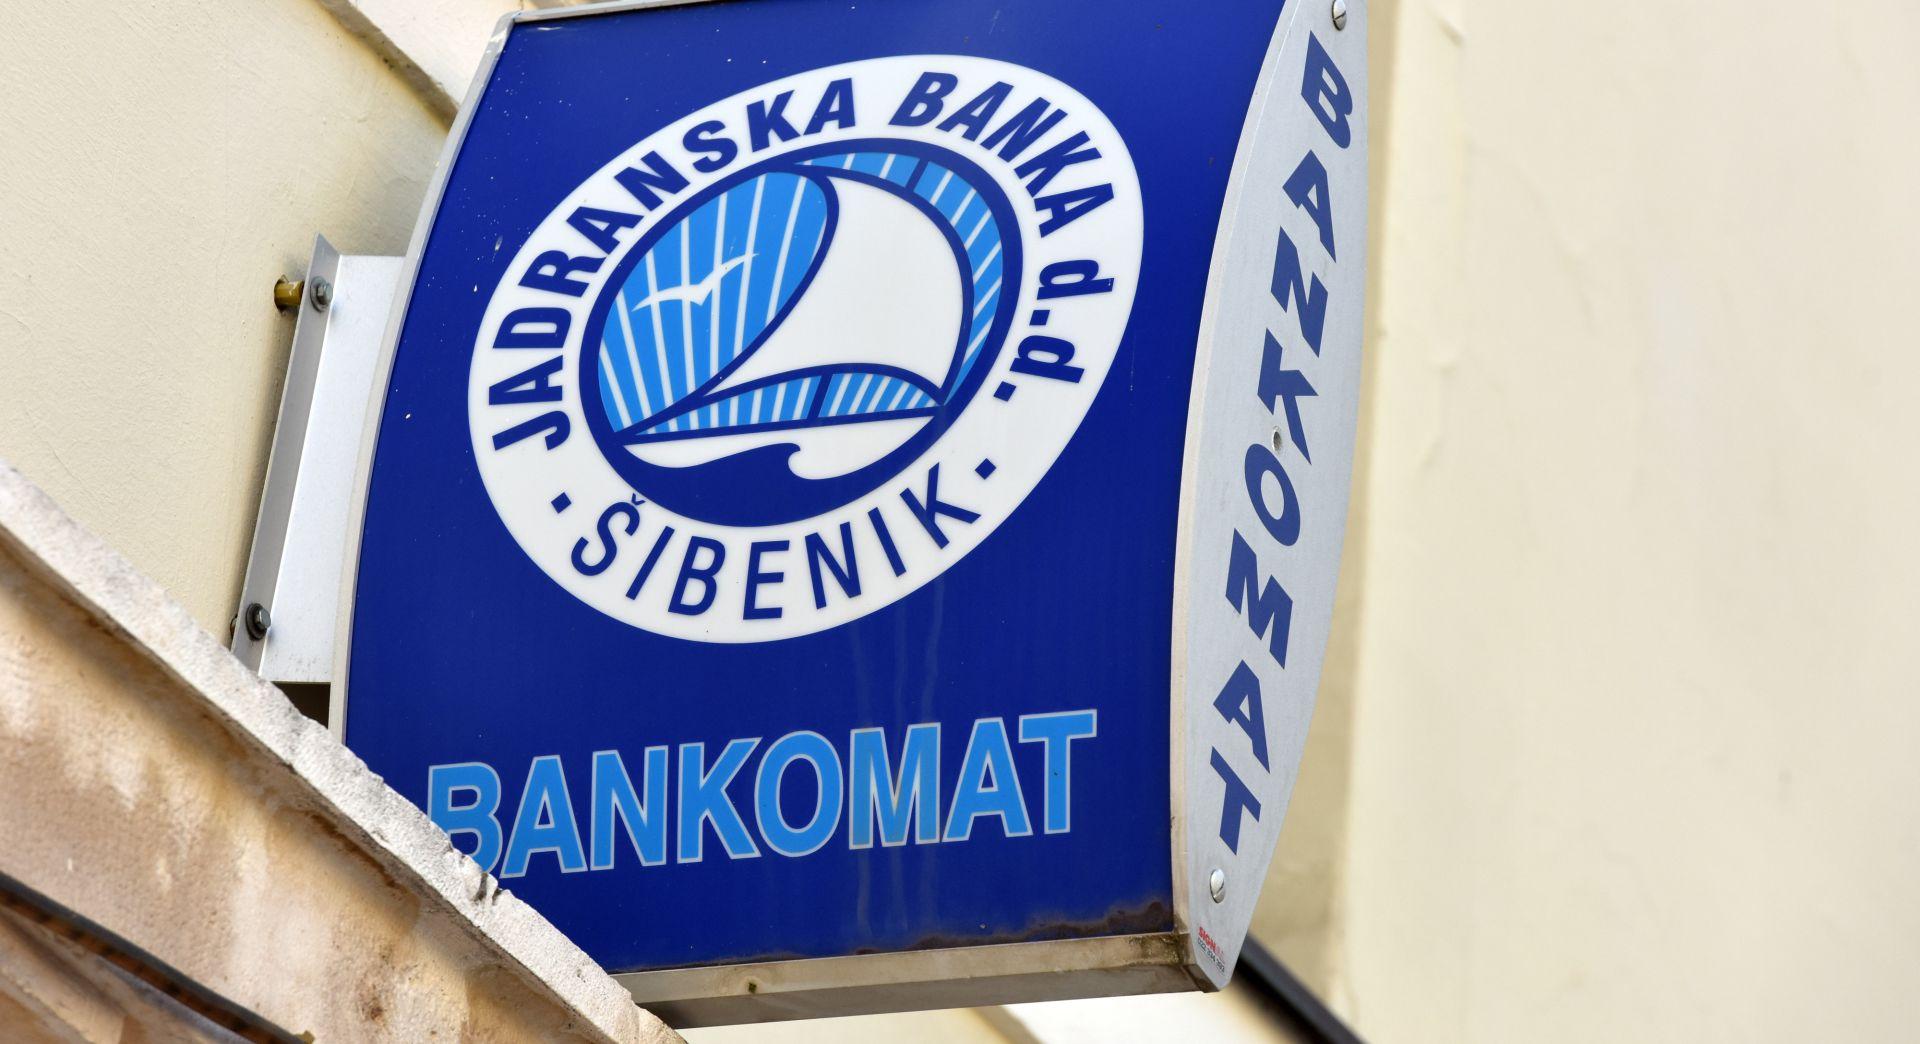 Jadranska banka najavila poduzimanje pravnih mjera nakon izjava zastupnika Živog zida B. Bunjca